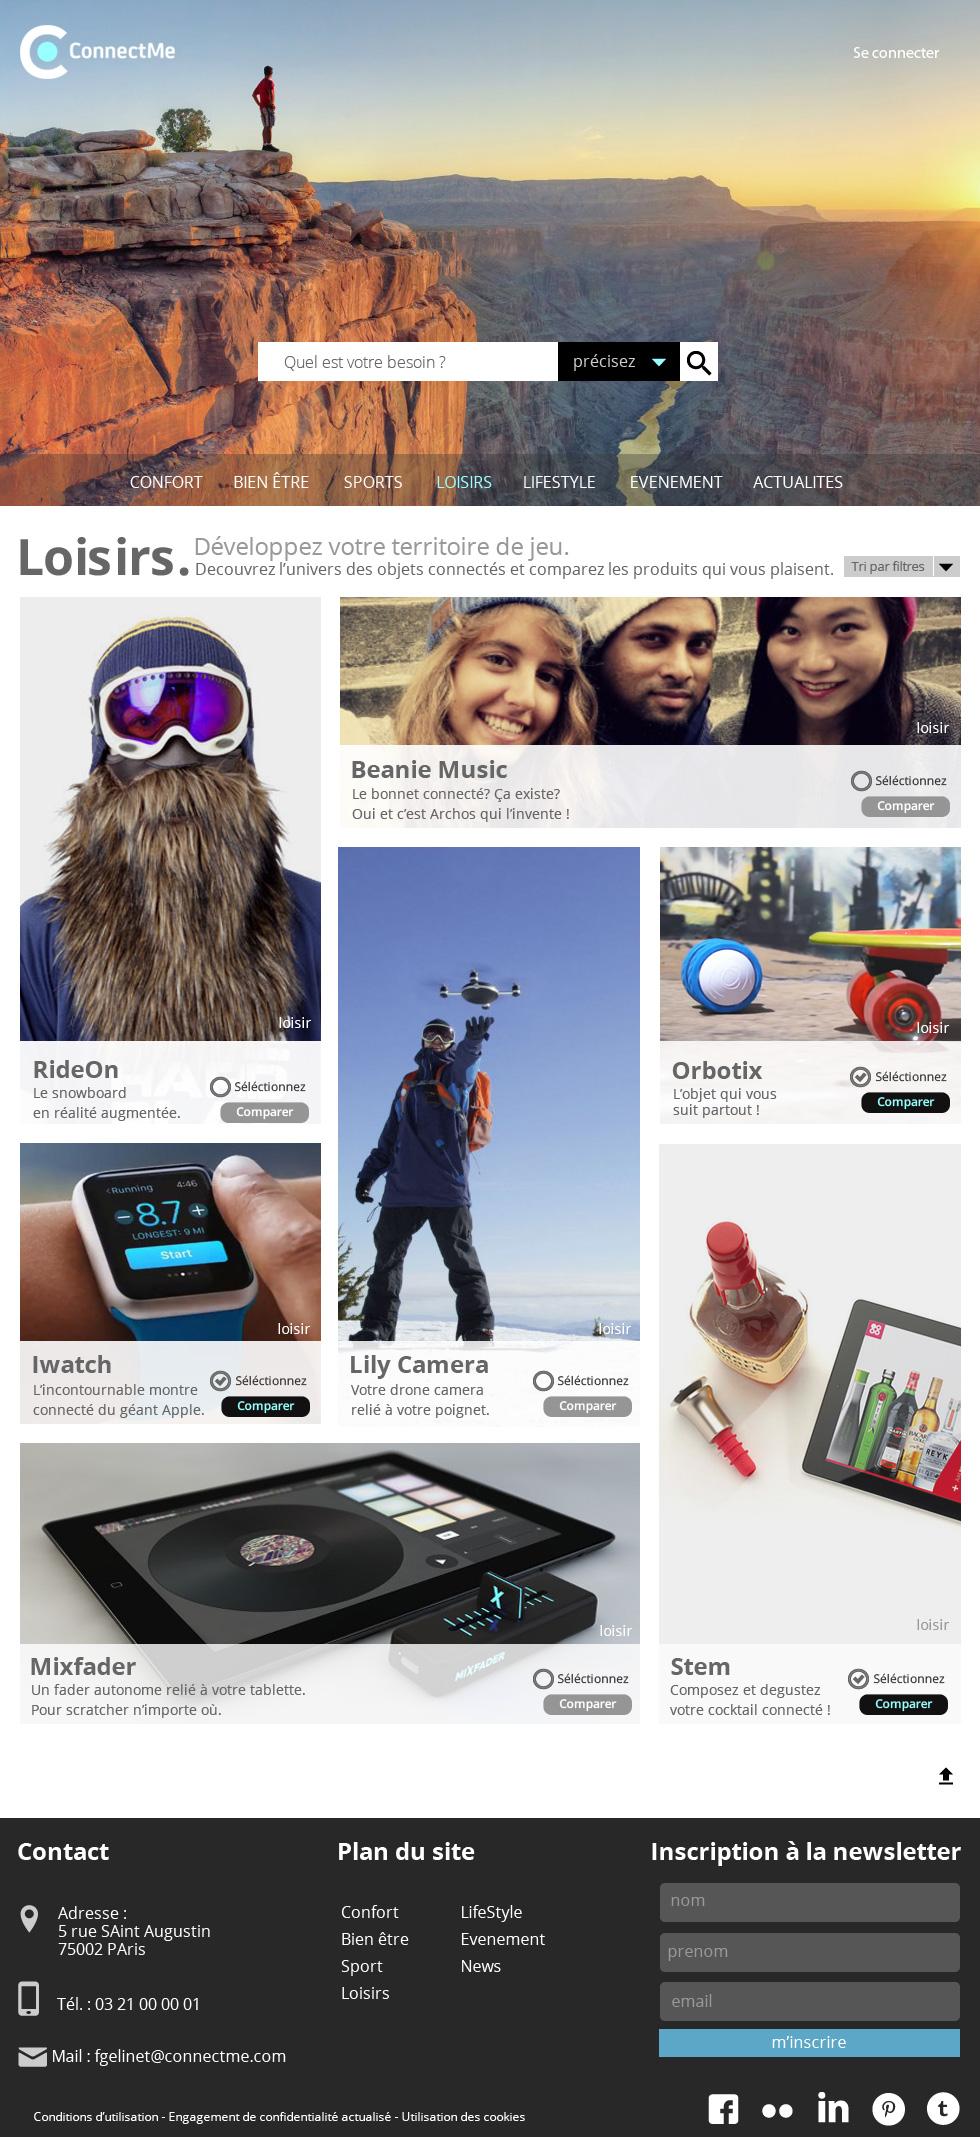 ConnectMe, site d'objets connectés  ,  la page dédiée aux loisirs